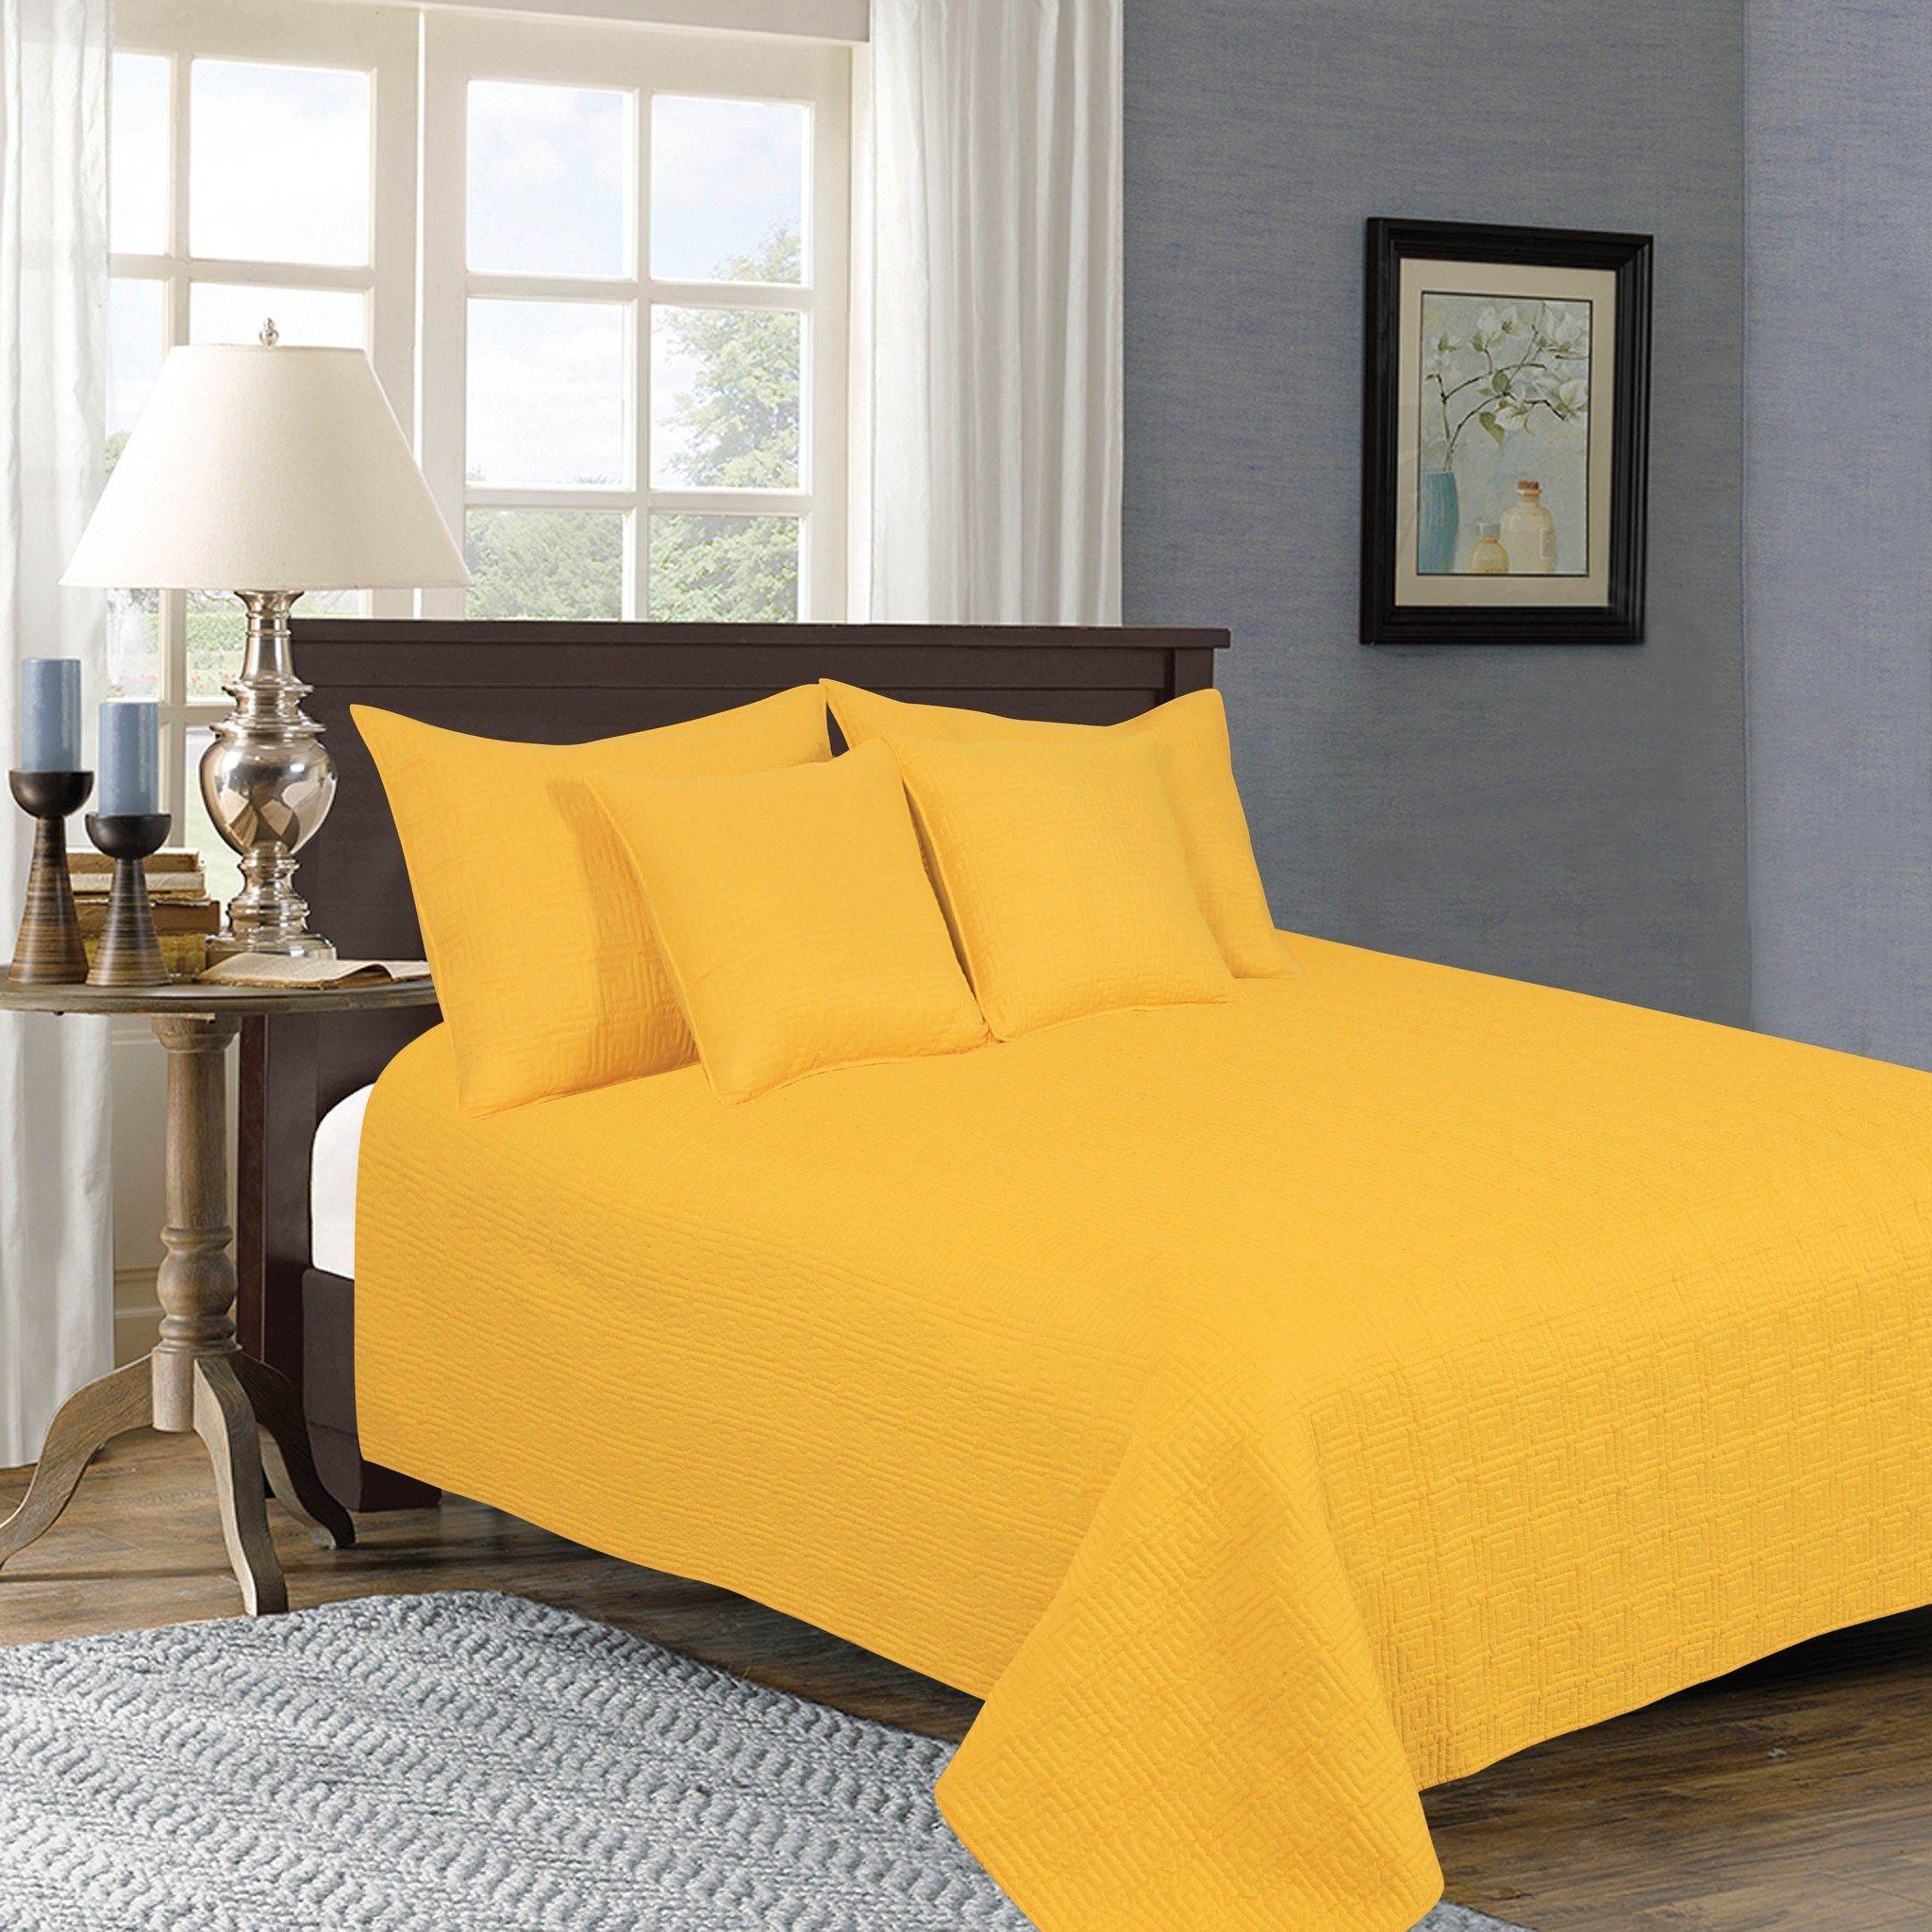 Tache 5 Piece Solid Yellow Brick Road Bedspread Set Comforter Sets Yellow Bedspread Bed Spreads